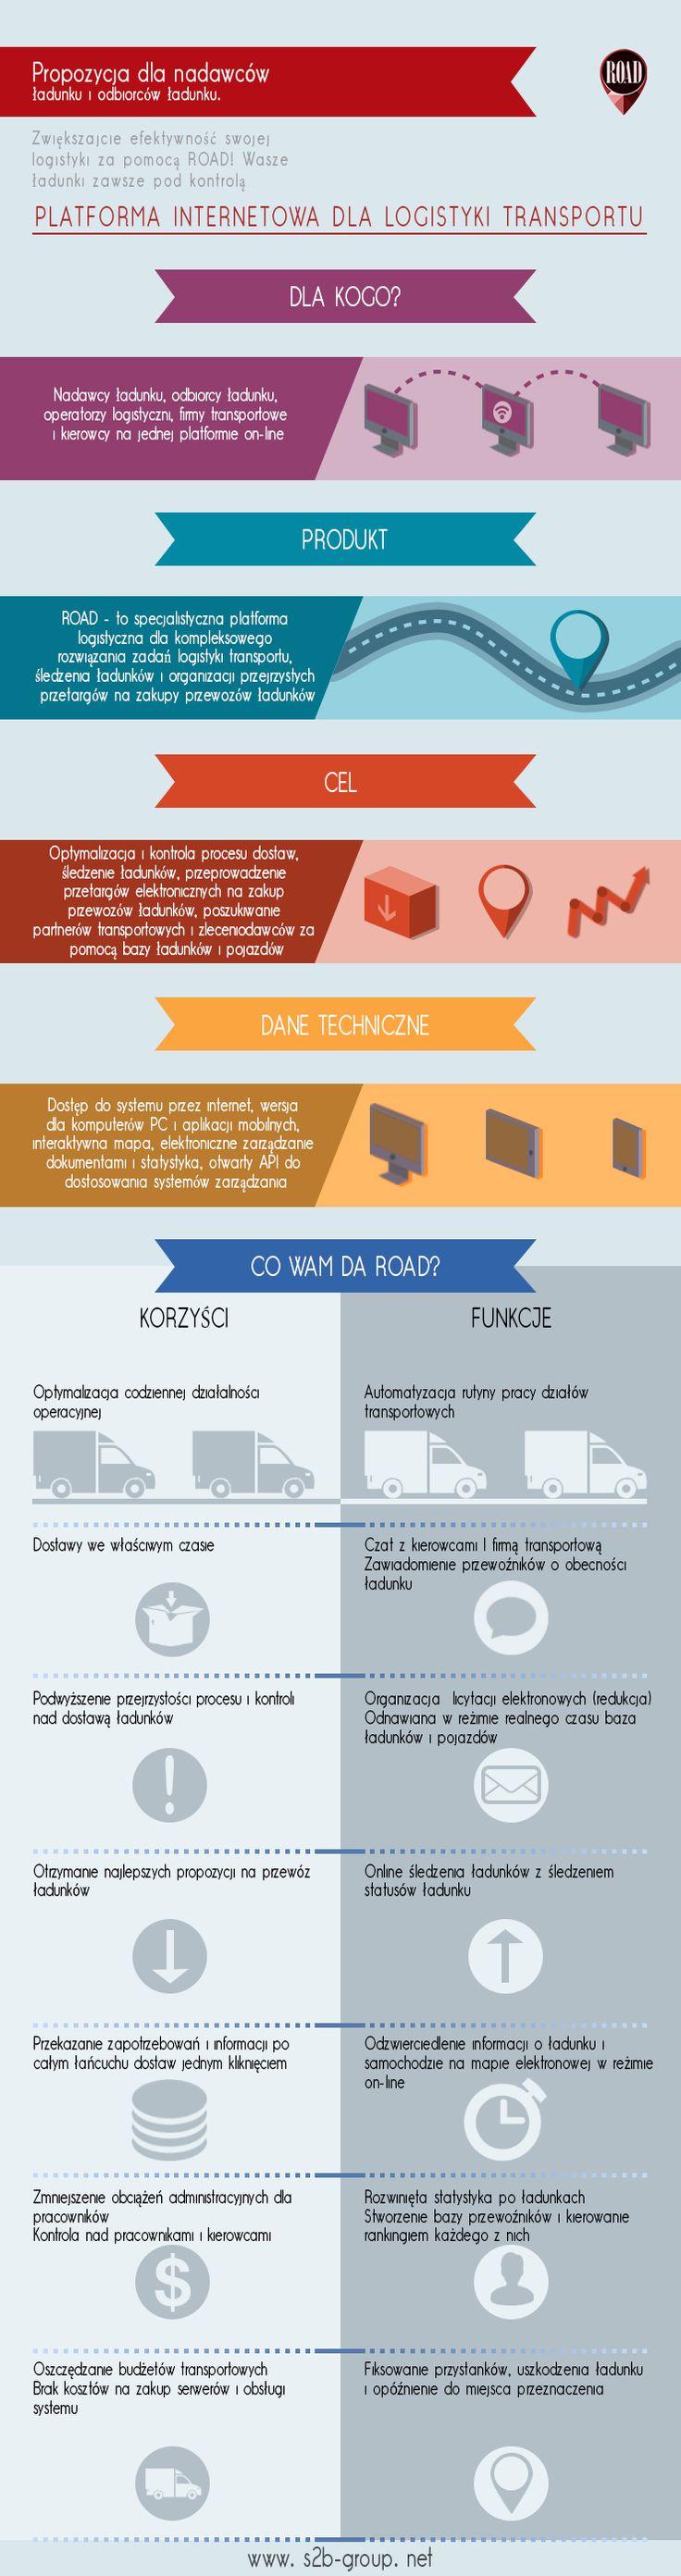 ROAD: Platforma Internetowa dla logistyki transportu. Propozycja dla NADAWZÓW. #logistics #supplychain #scm #s2bgroup #road #TMS